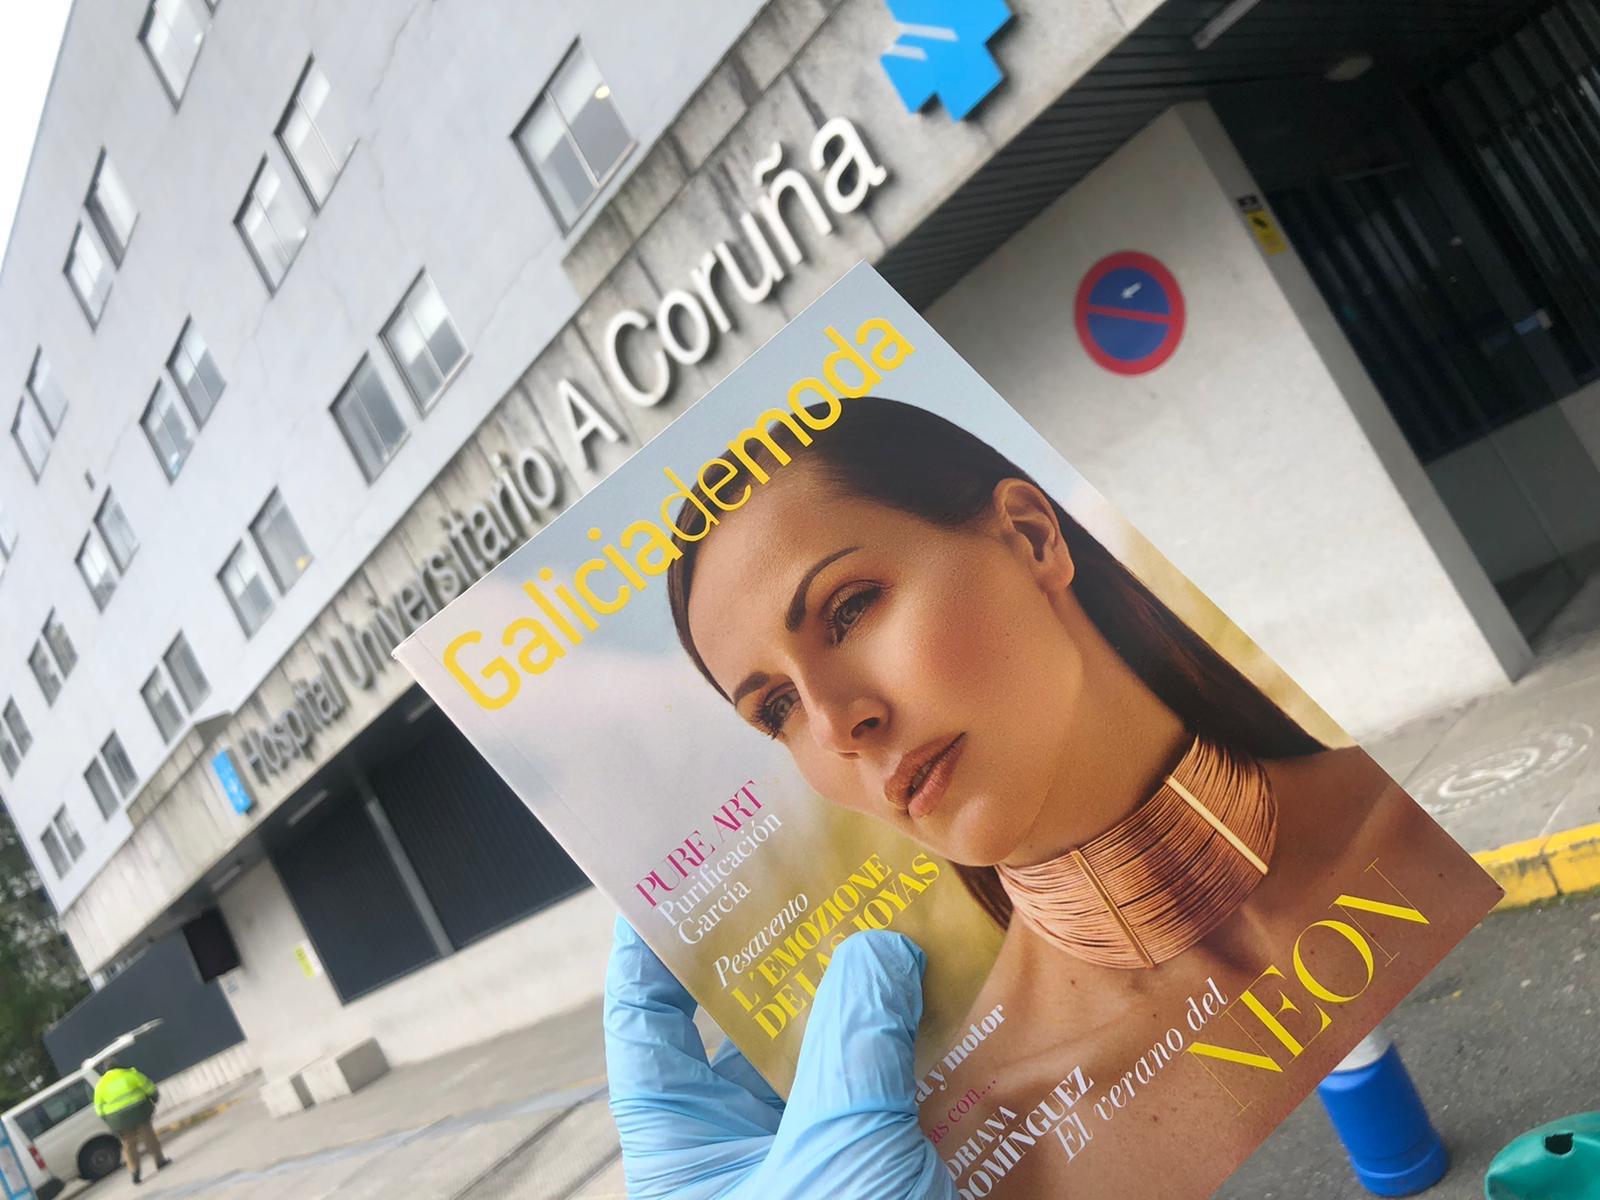 Galiciademoda aporta su granito de arena en la lucha contra el Covid-19